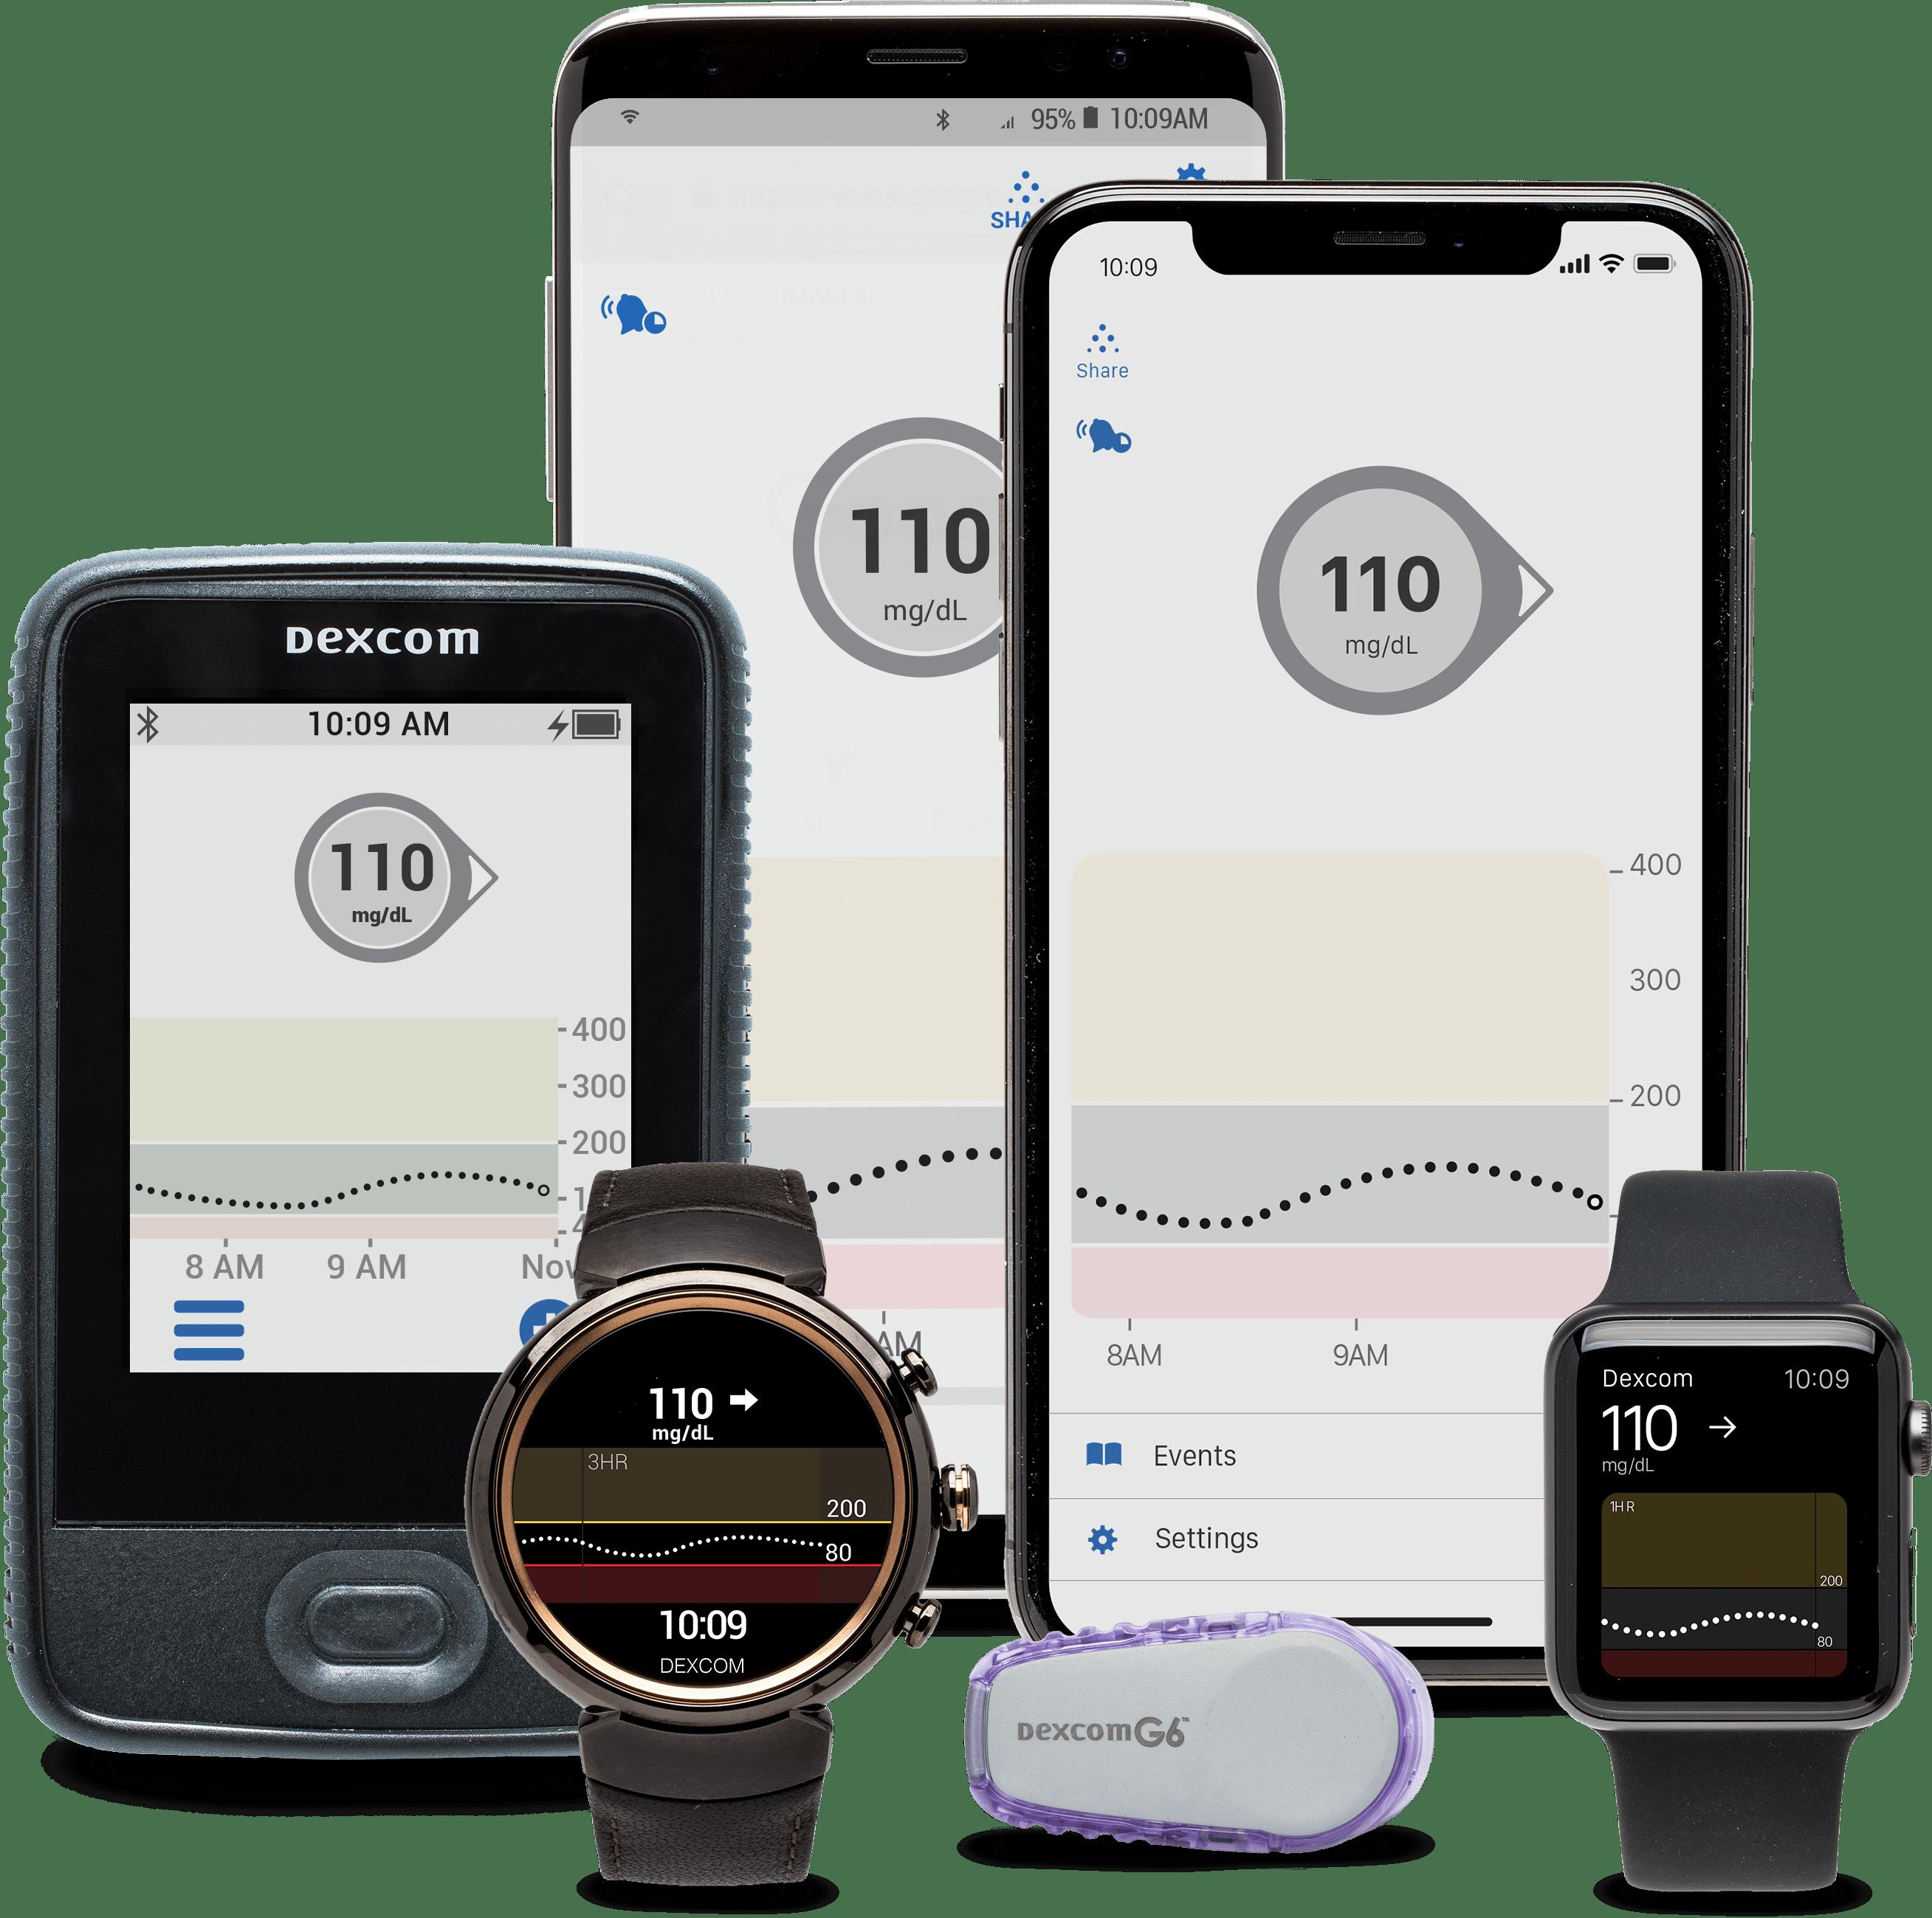 Soluções da Dexcom para monitoramento de glicose